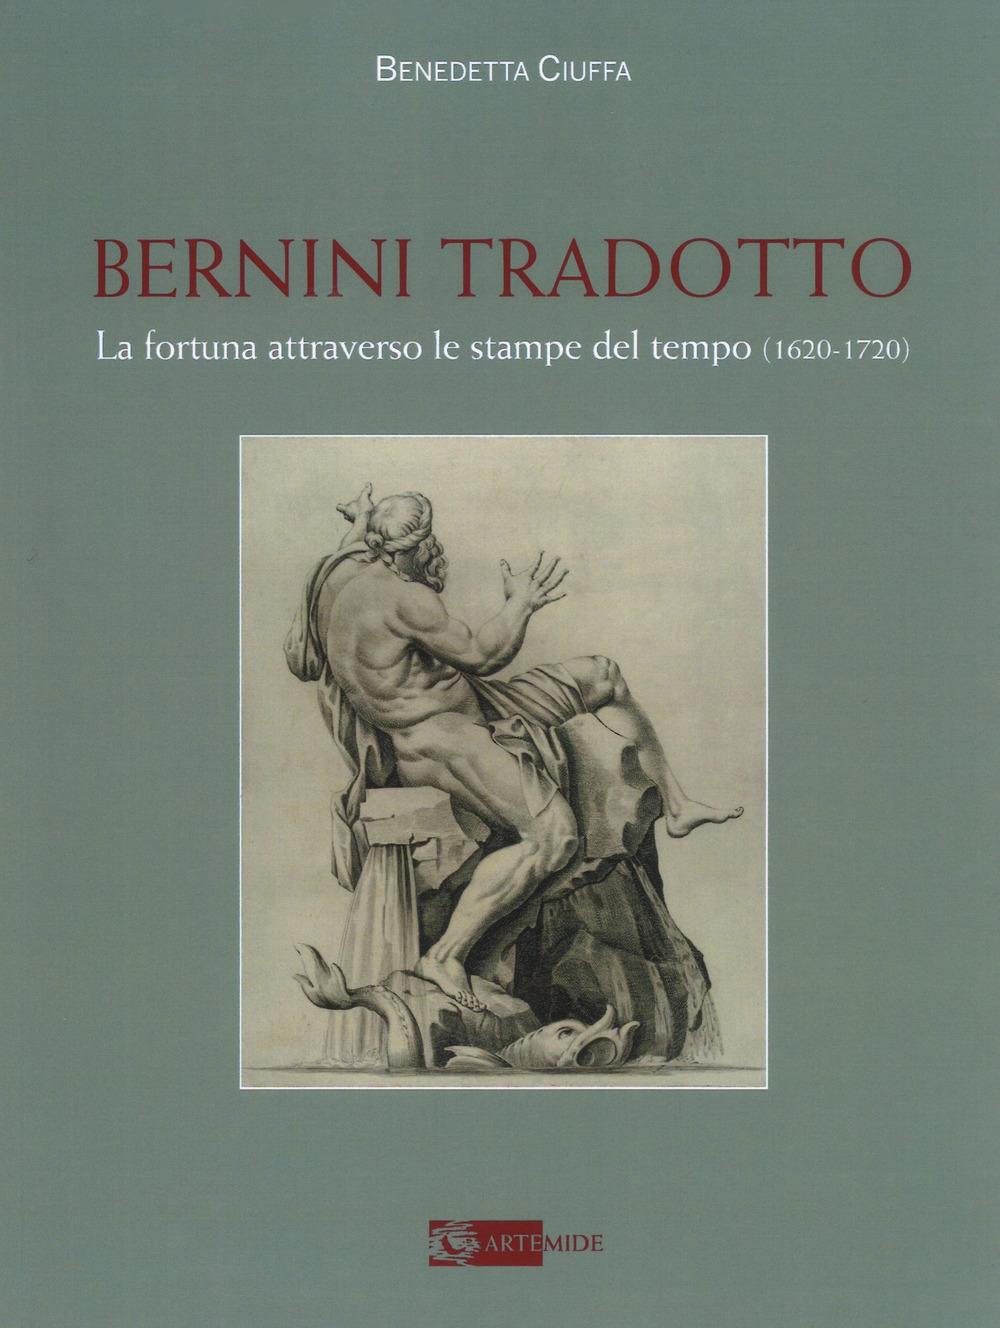 Bernini tradotto. La fortuna visiva fino al 1720 circa